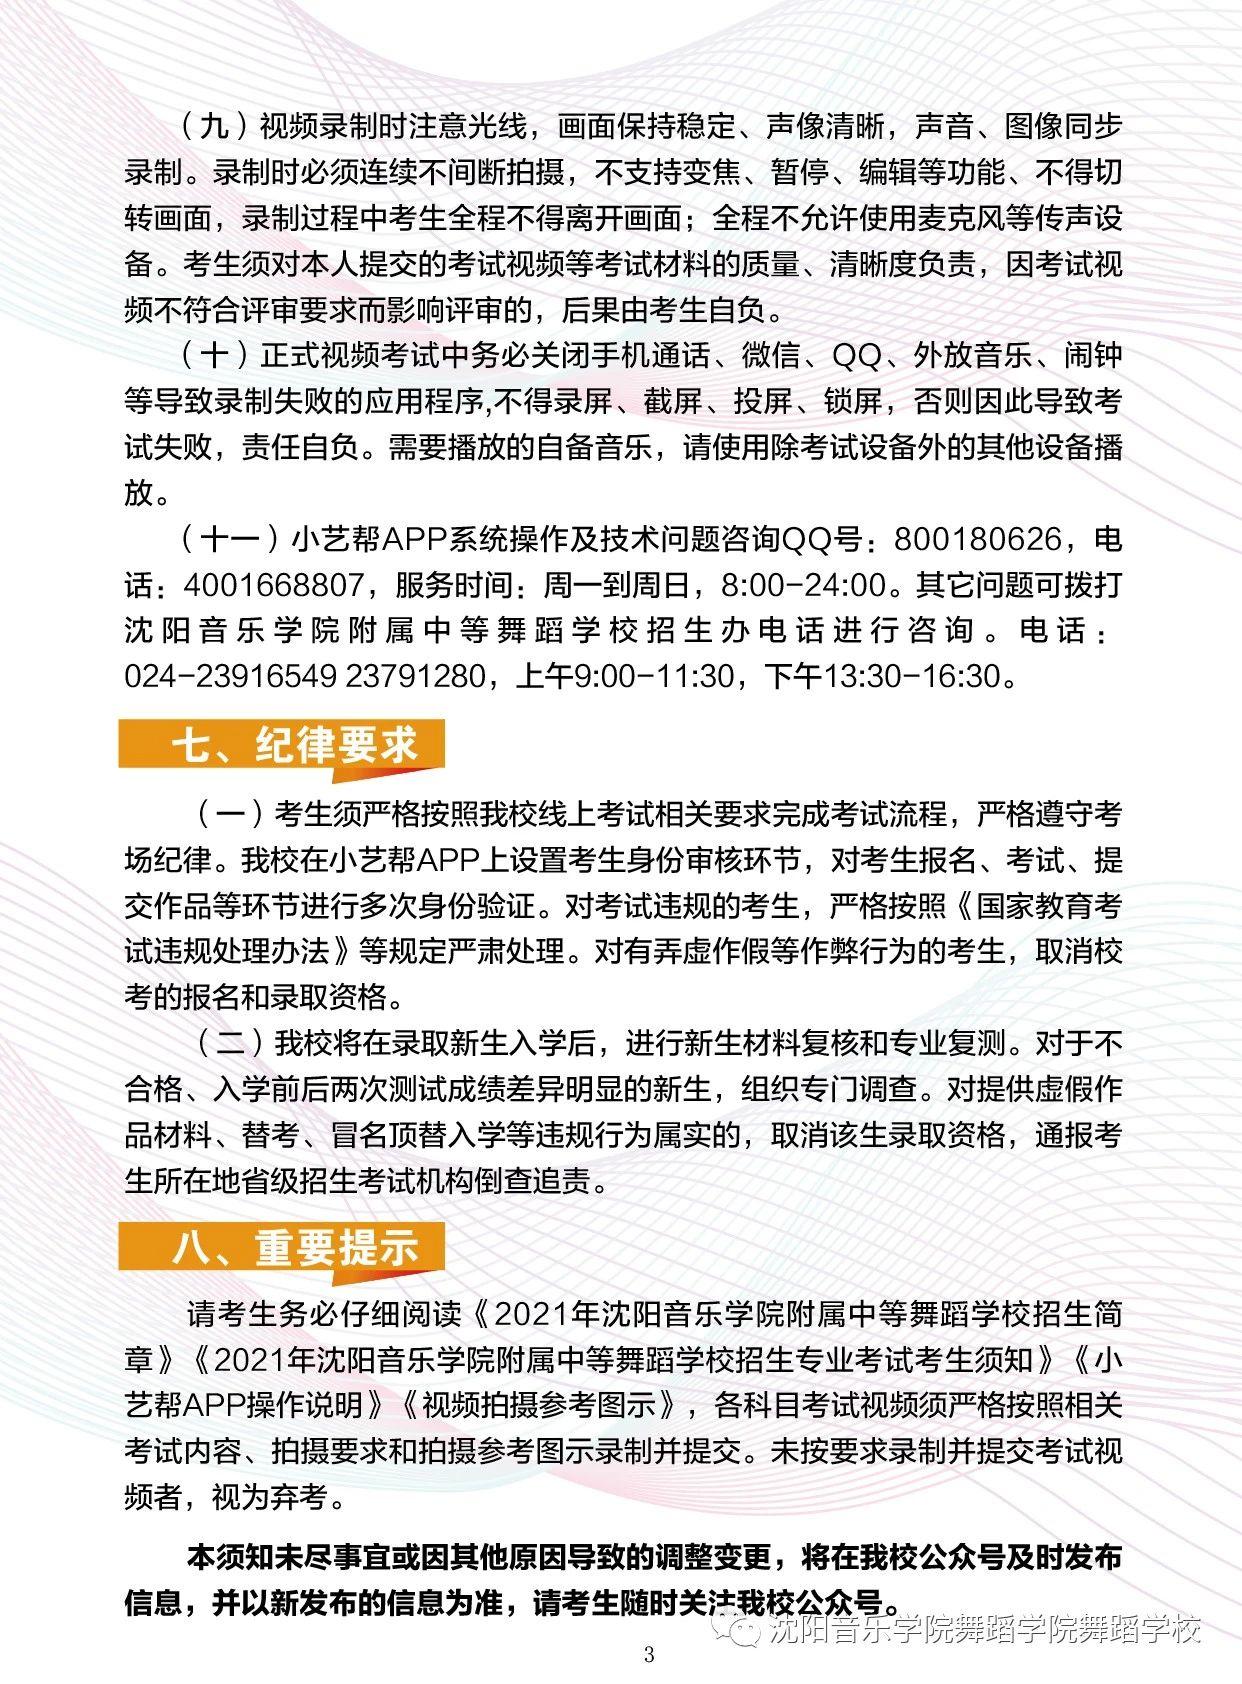 2021年沈阳音乐学院附属中等舞蹈学校招生专业考试考生须知